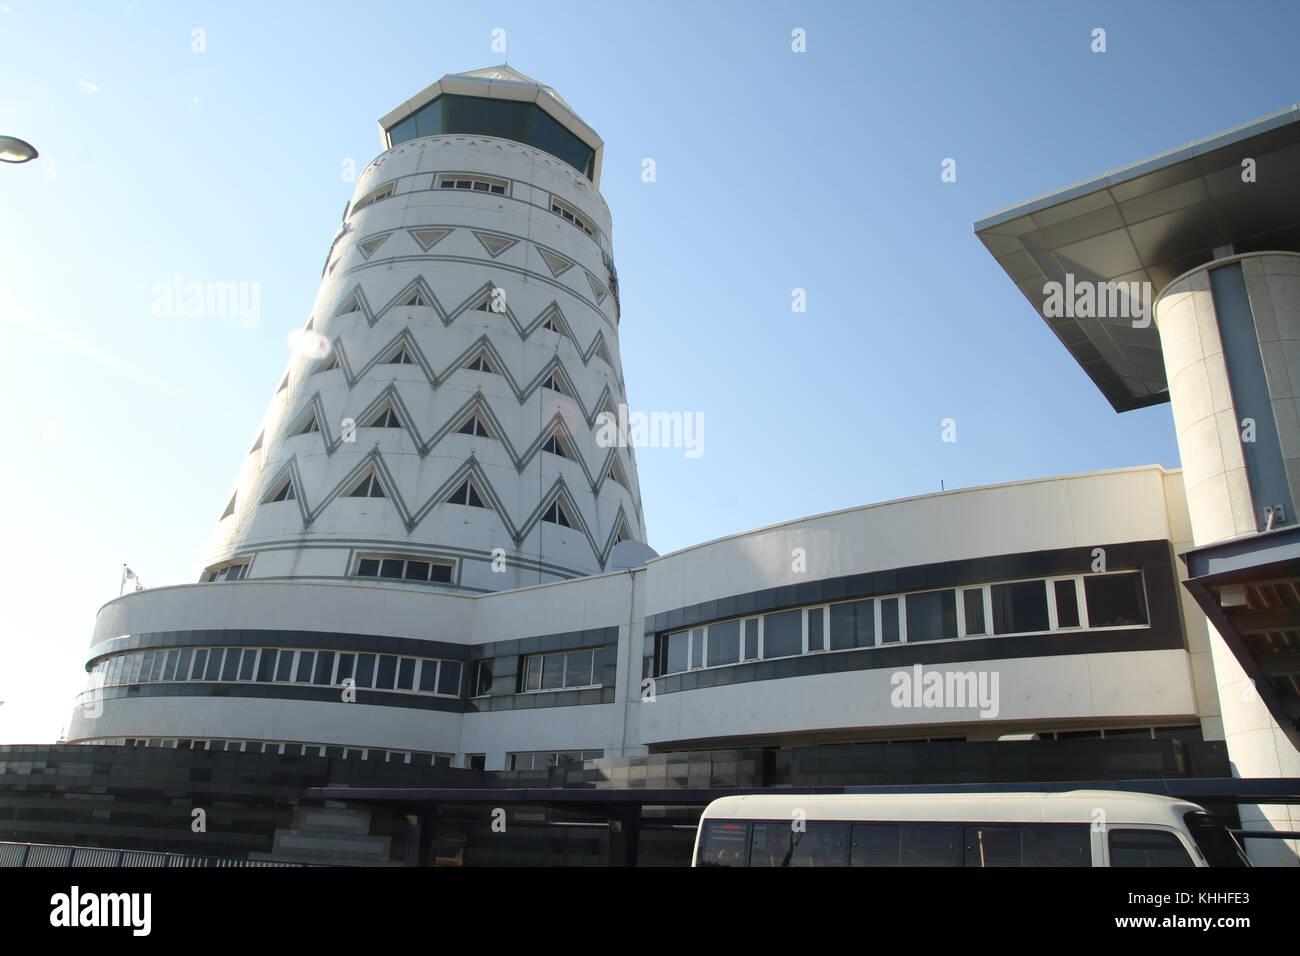 Harare, Zimbabwe - 10 October 2011: The conical shaped tower at Harare International Airport. Credit: David Mbiyu/Alamy - Stock Image